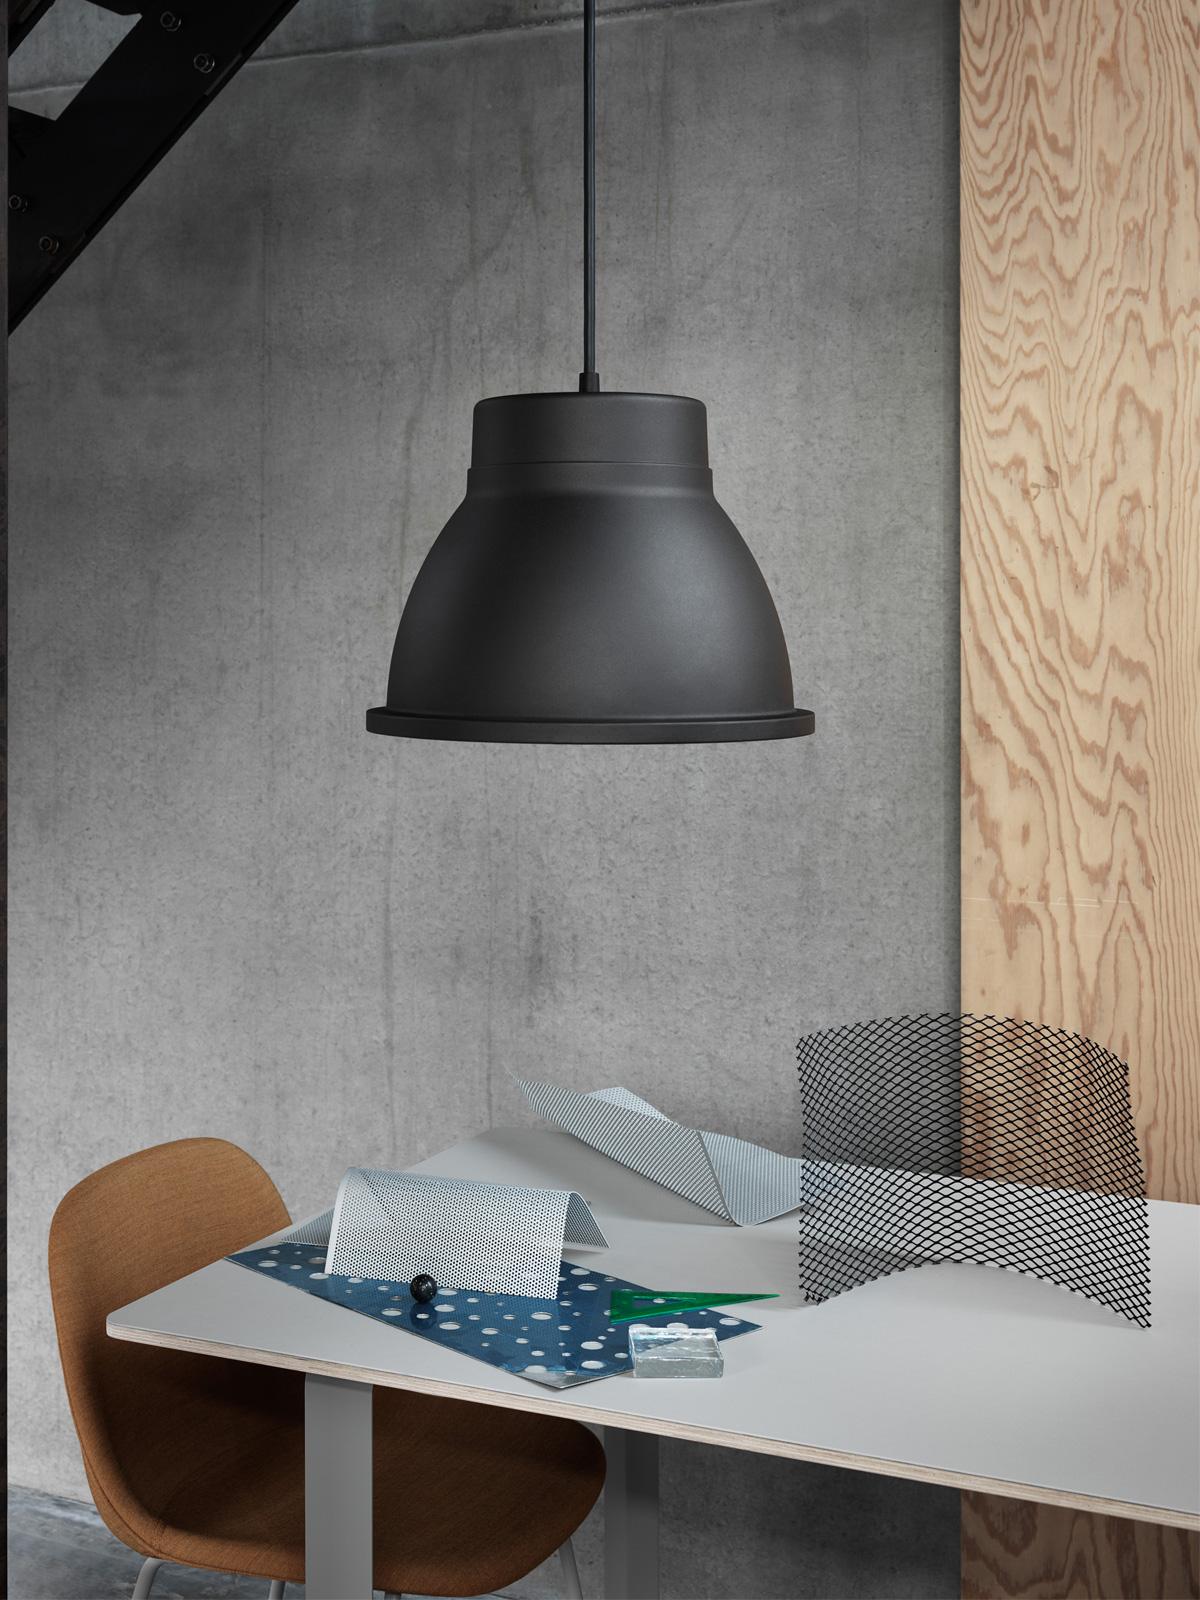 Pendelleuchte Studio in Schwarz von Muuto DesignOrt Onlineshop